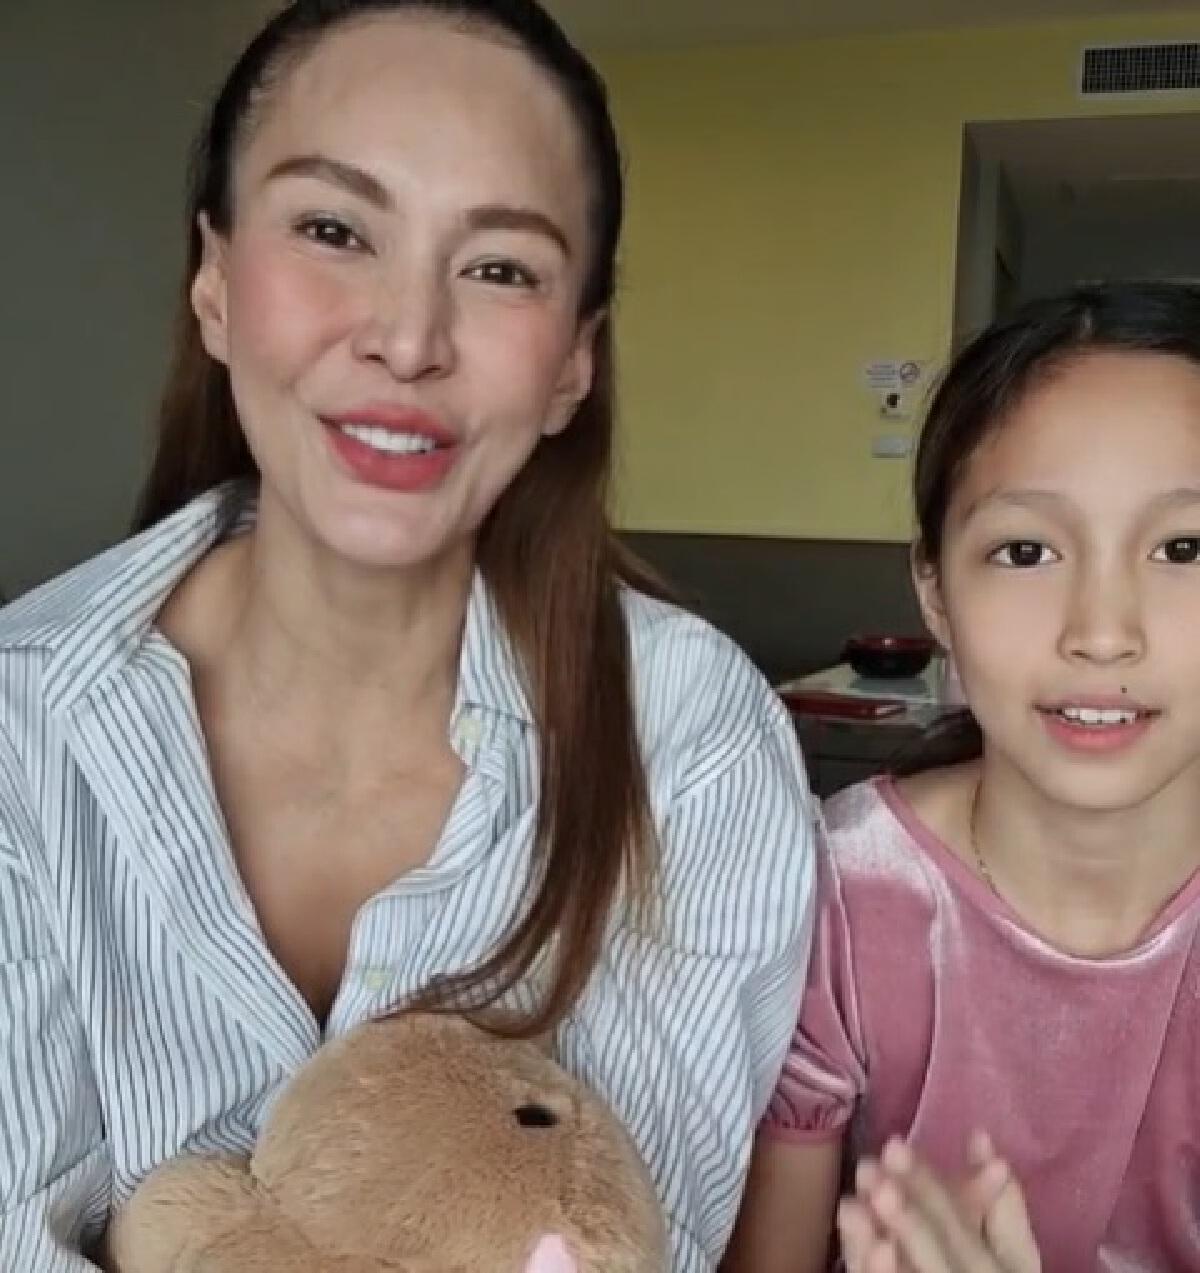 เอ อัญชลี-ลูกสาว หายป่วยโควิด กลับบ้านได้แล้ว ขอบคุณทีมแพทย์ดูแลอย่างดี